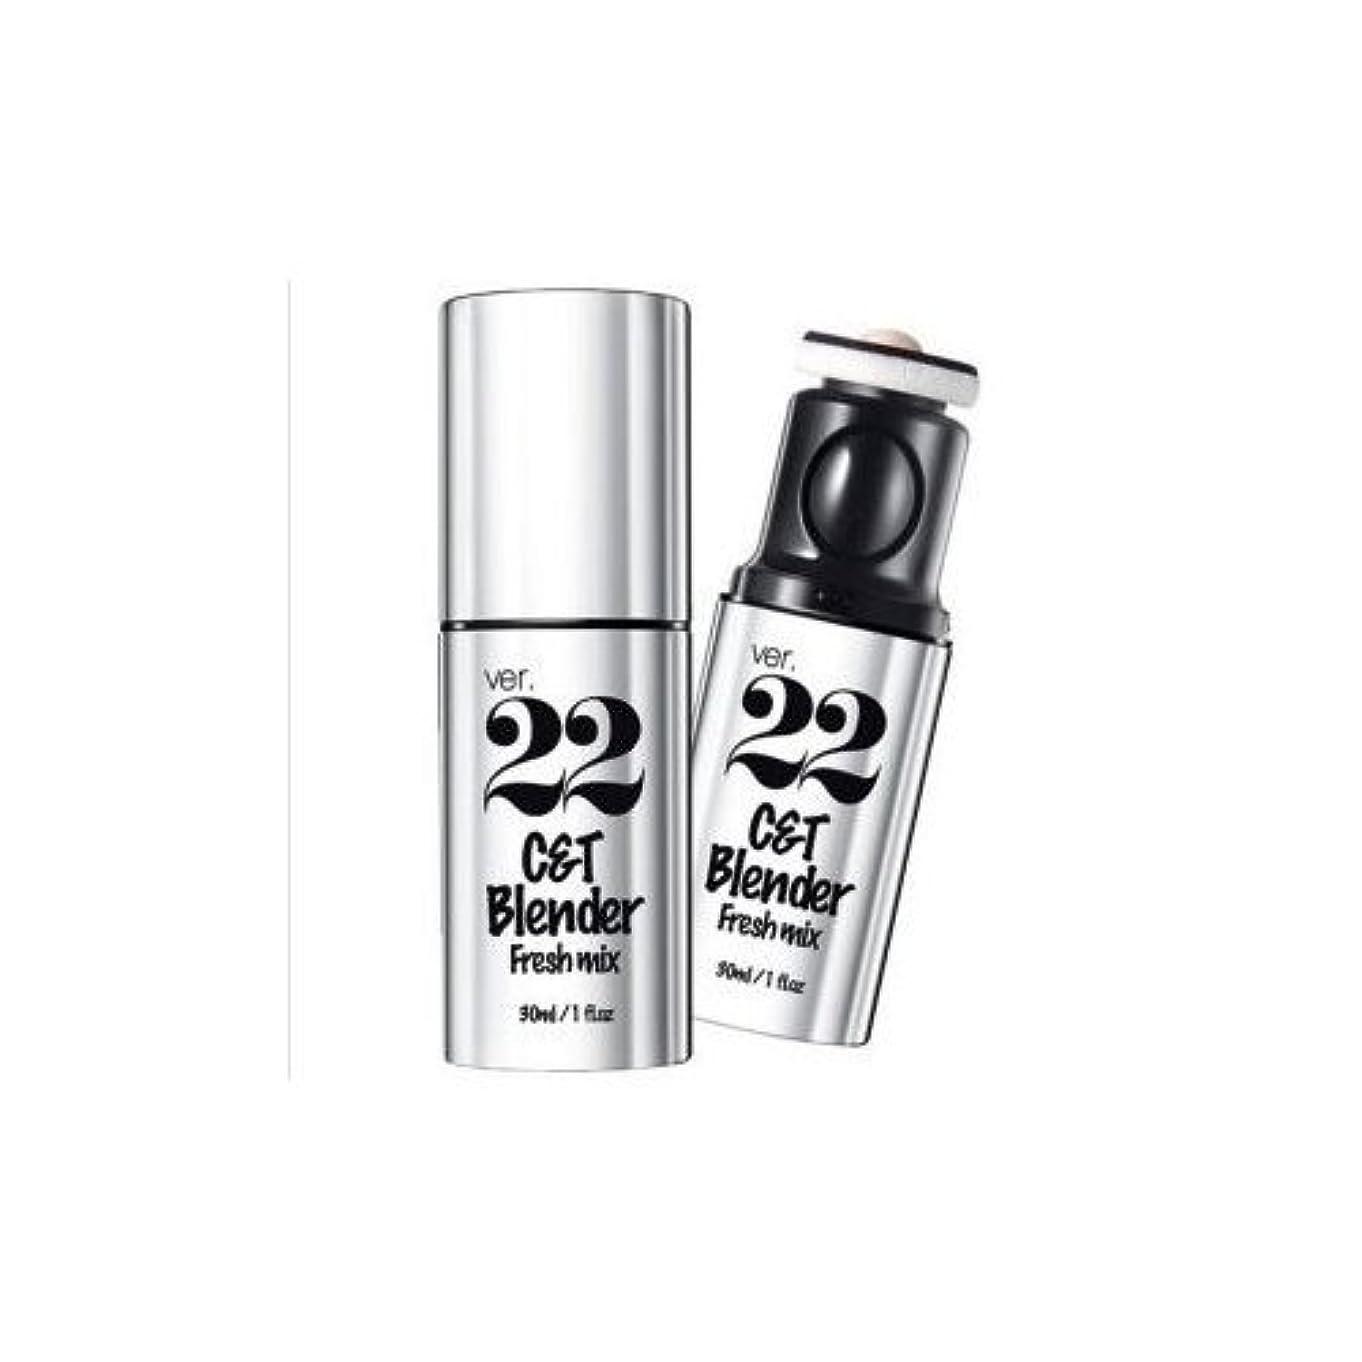 段落反発する翻訳するchosungah22 C&T Blender Fresh Mix 30ml, Capsule Foundation, #01, Korean Cosmetics